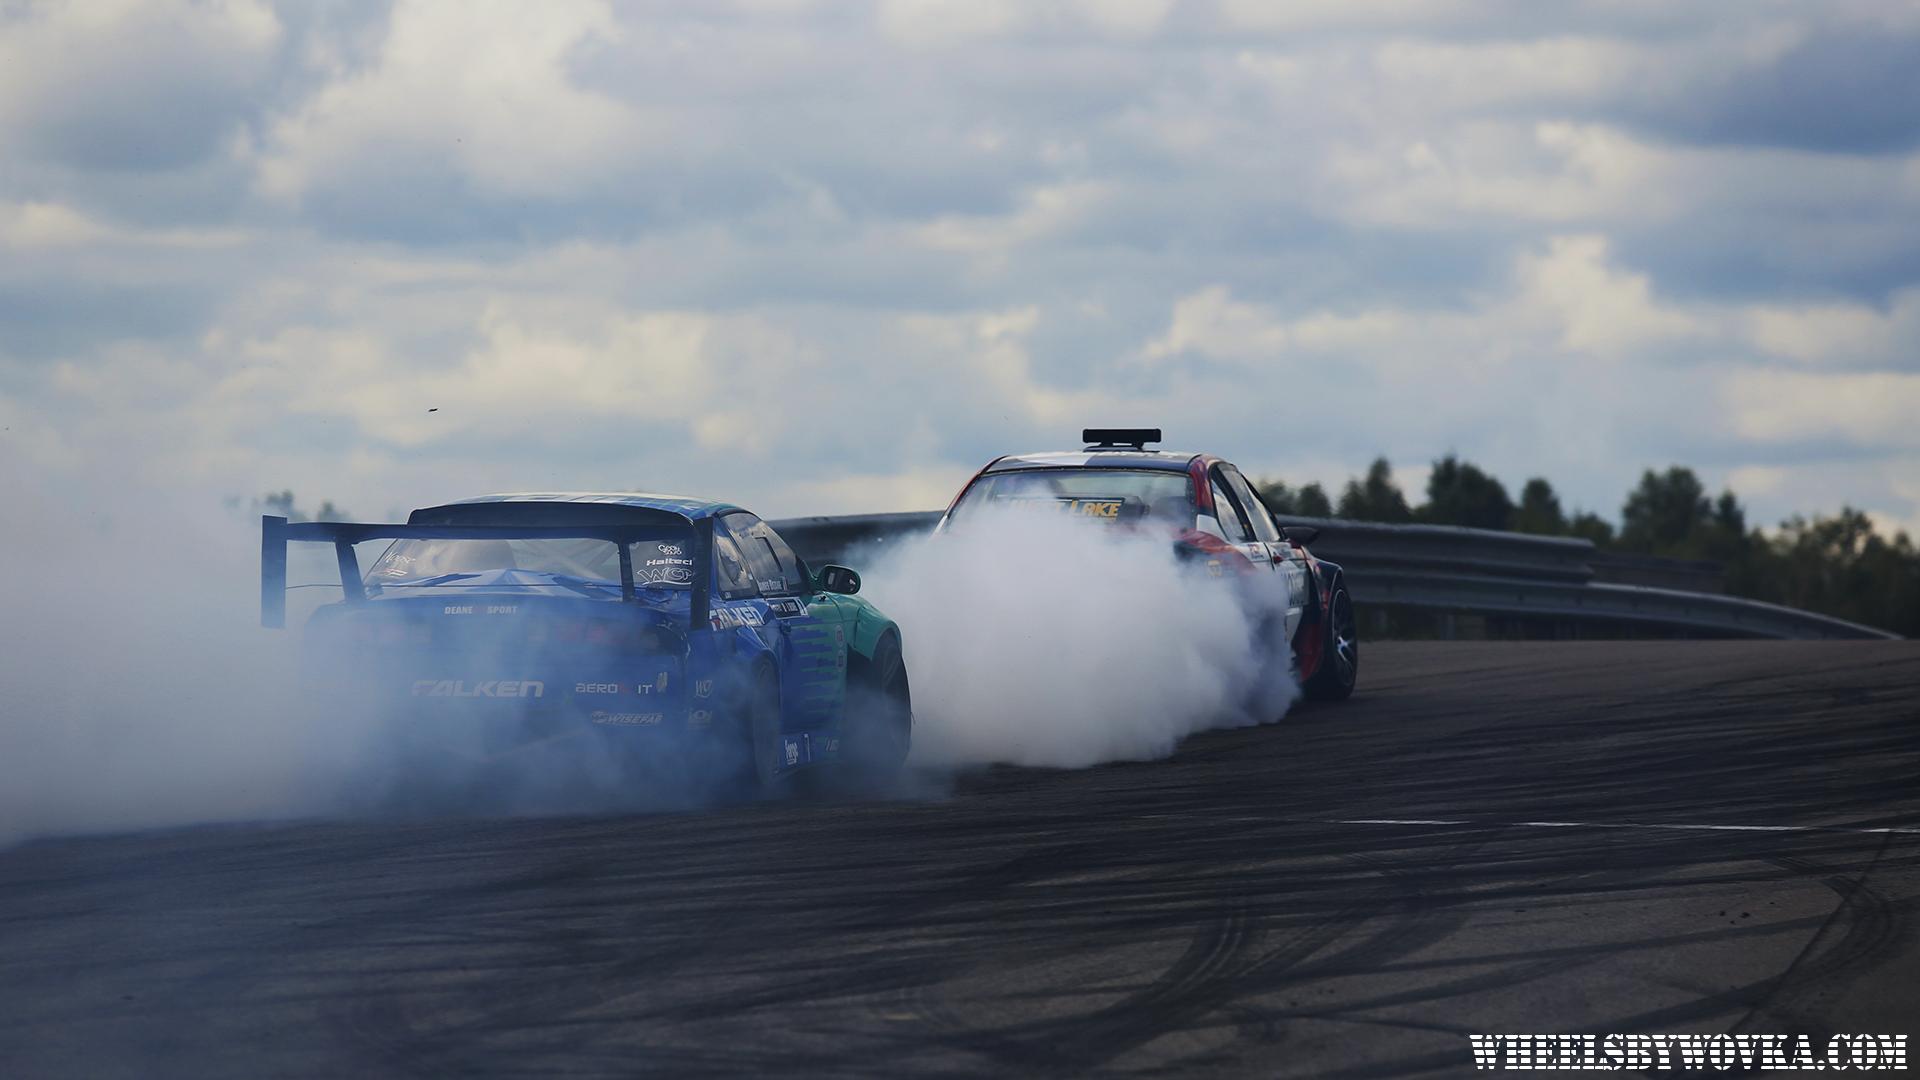 drift-allstars-estonia-wheelsbywovka-vladimir-ljadov-7